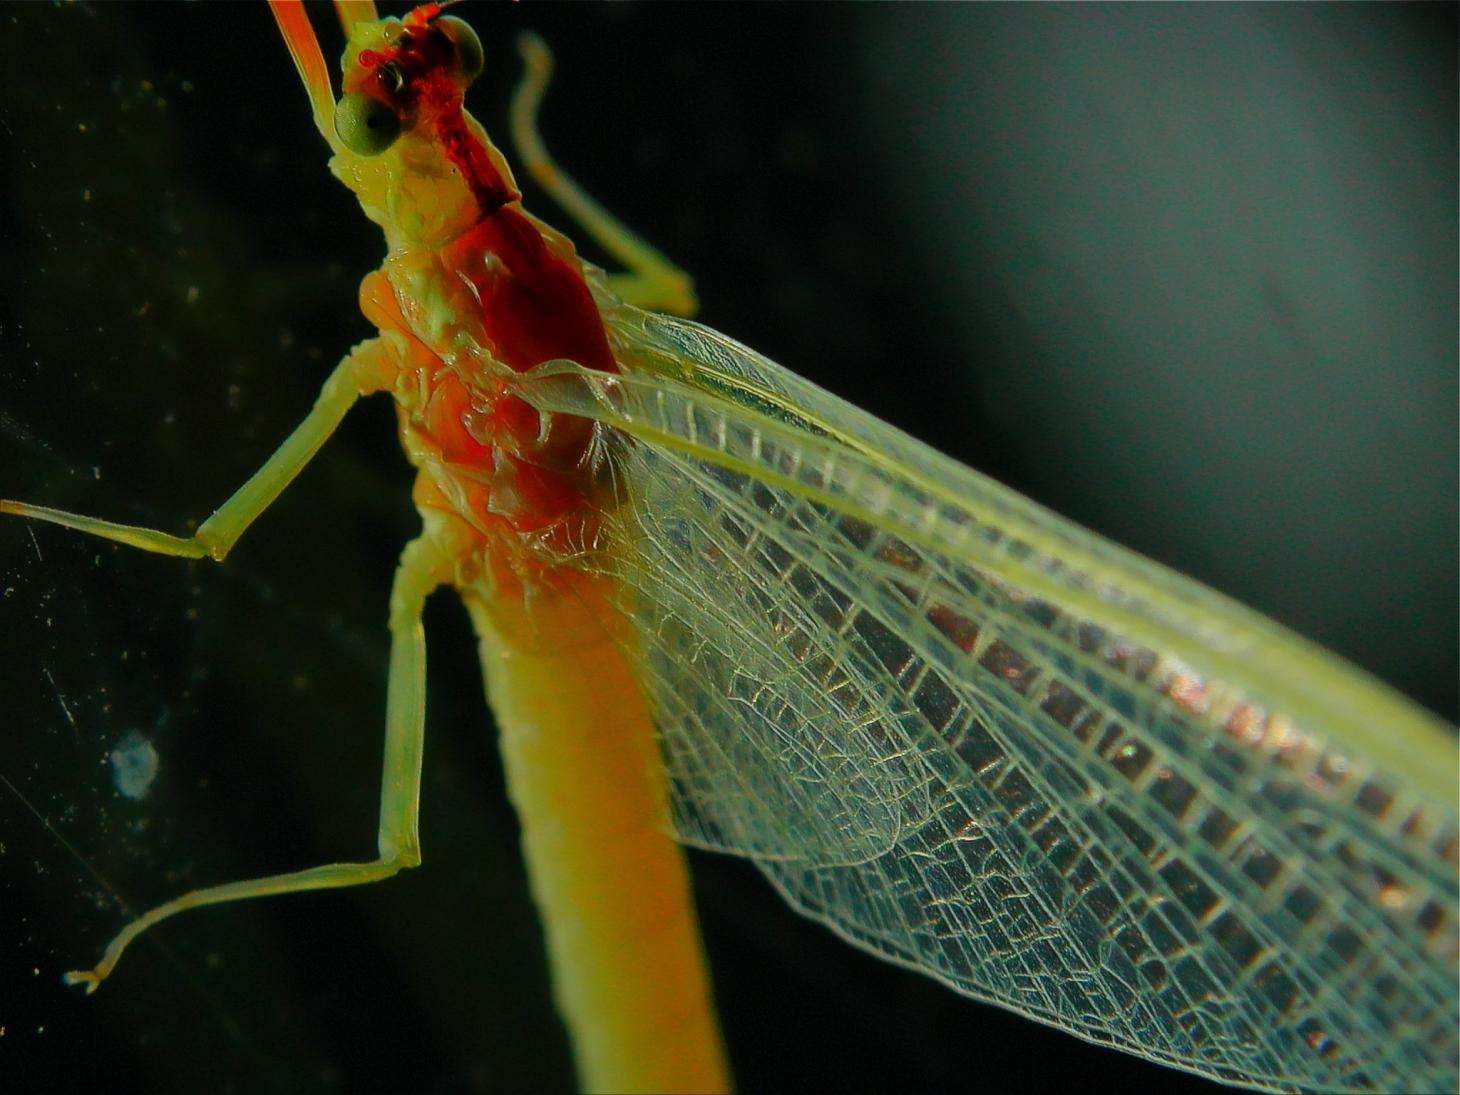 Mayfly Study. Photo by Thomas Peace c. 2015